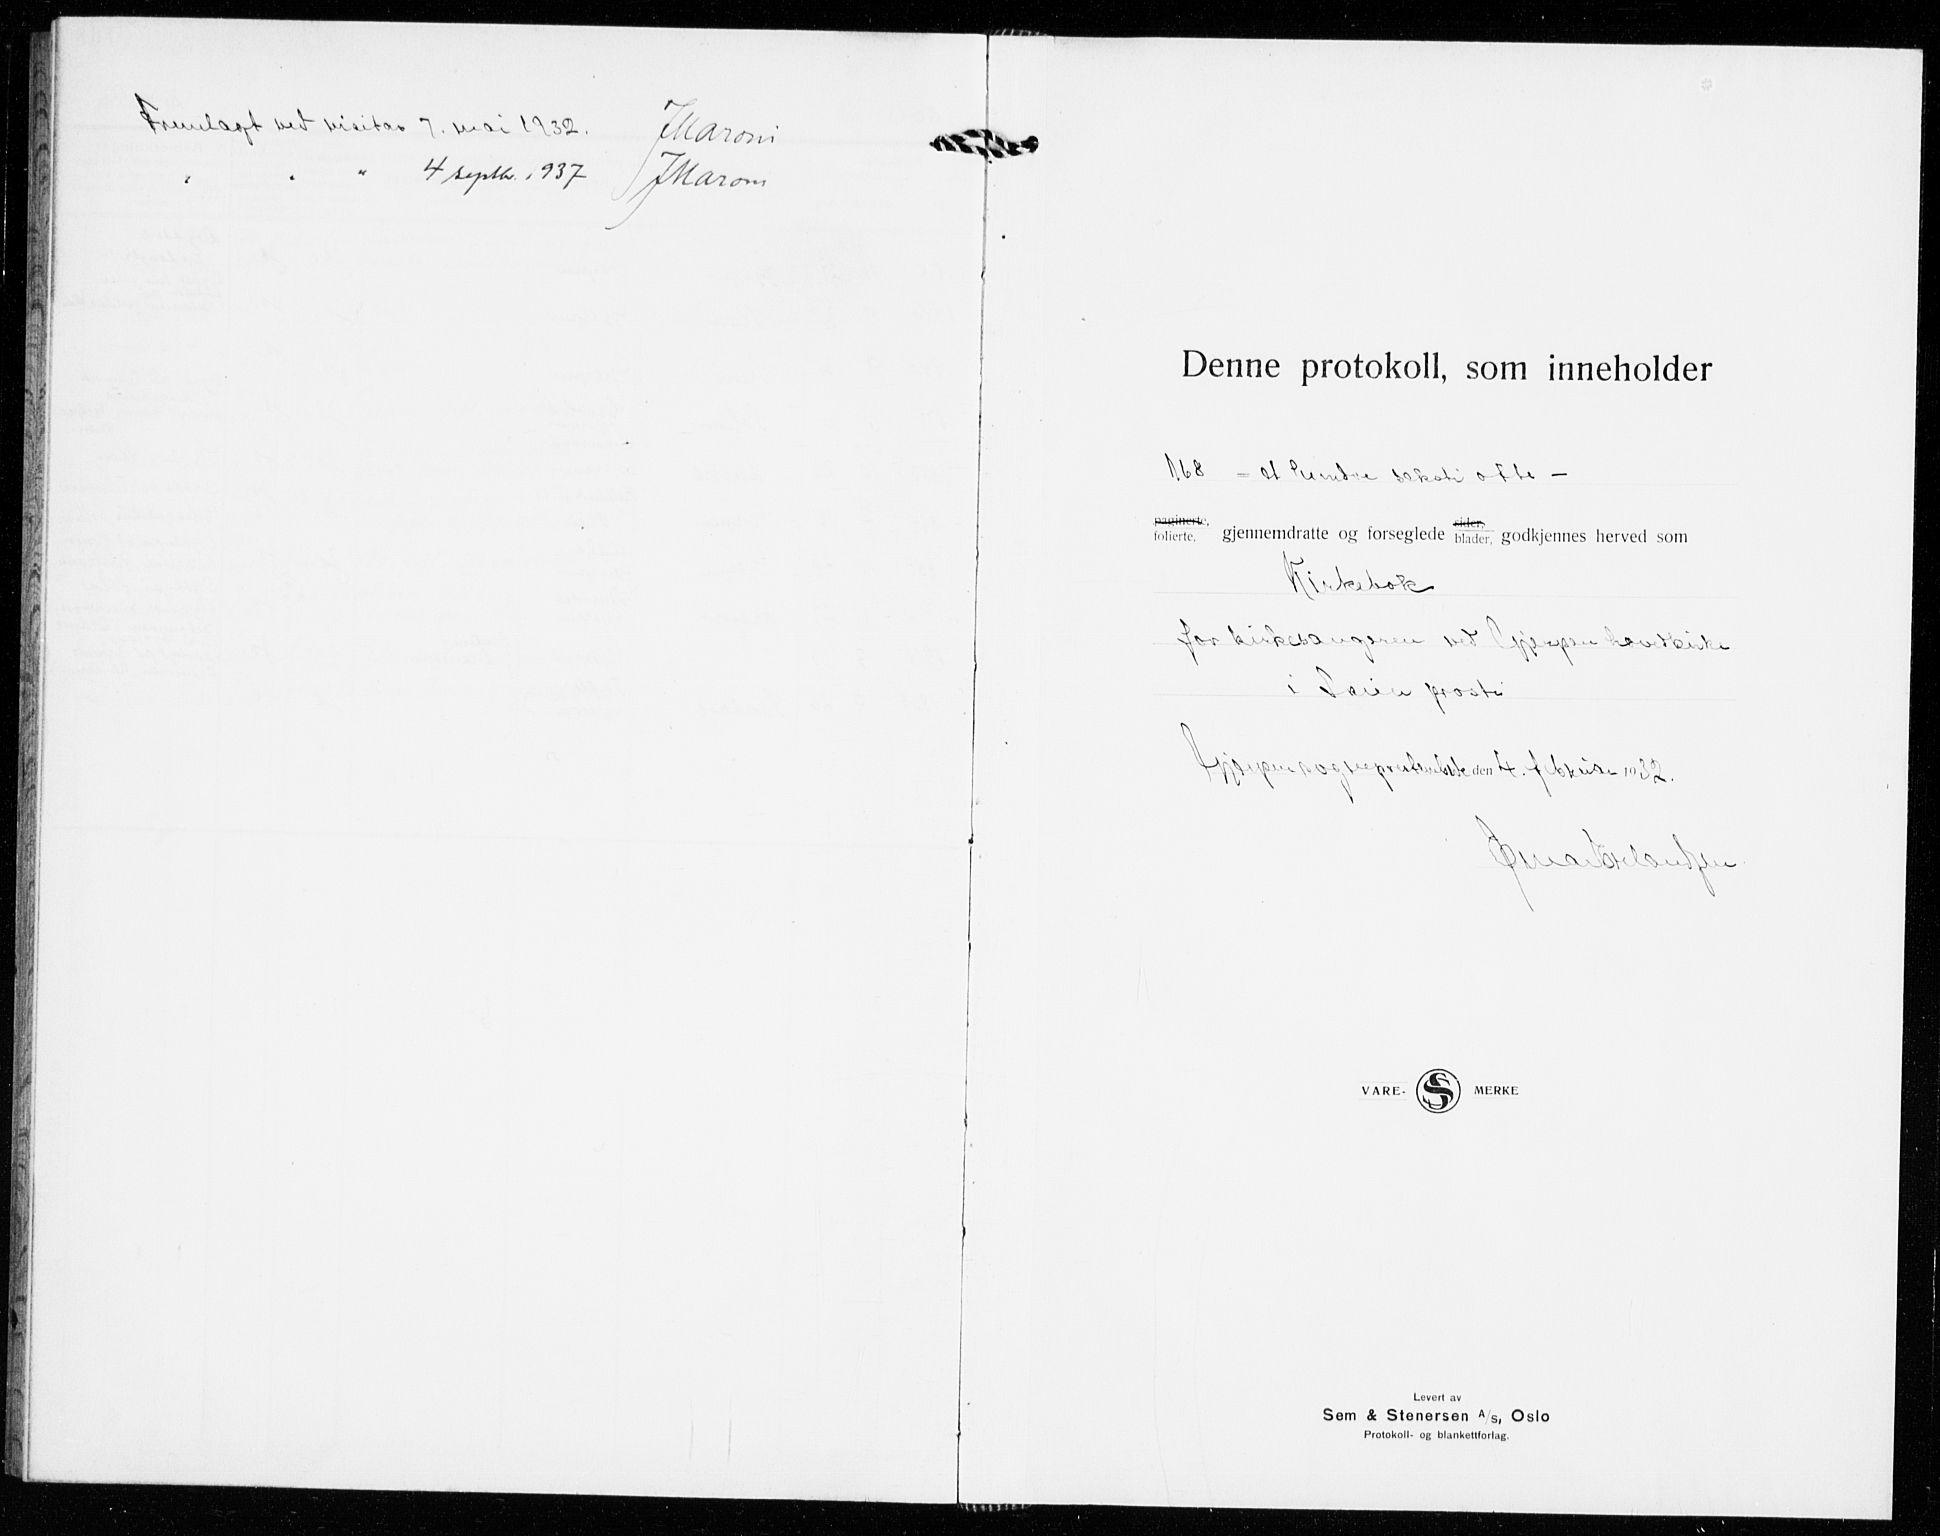 SAKO, Gjerpen kirkebøker, G/Ga/L0005: Klokkerbok nr. I 5, 1932-1940